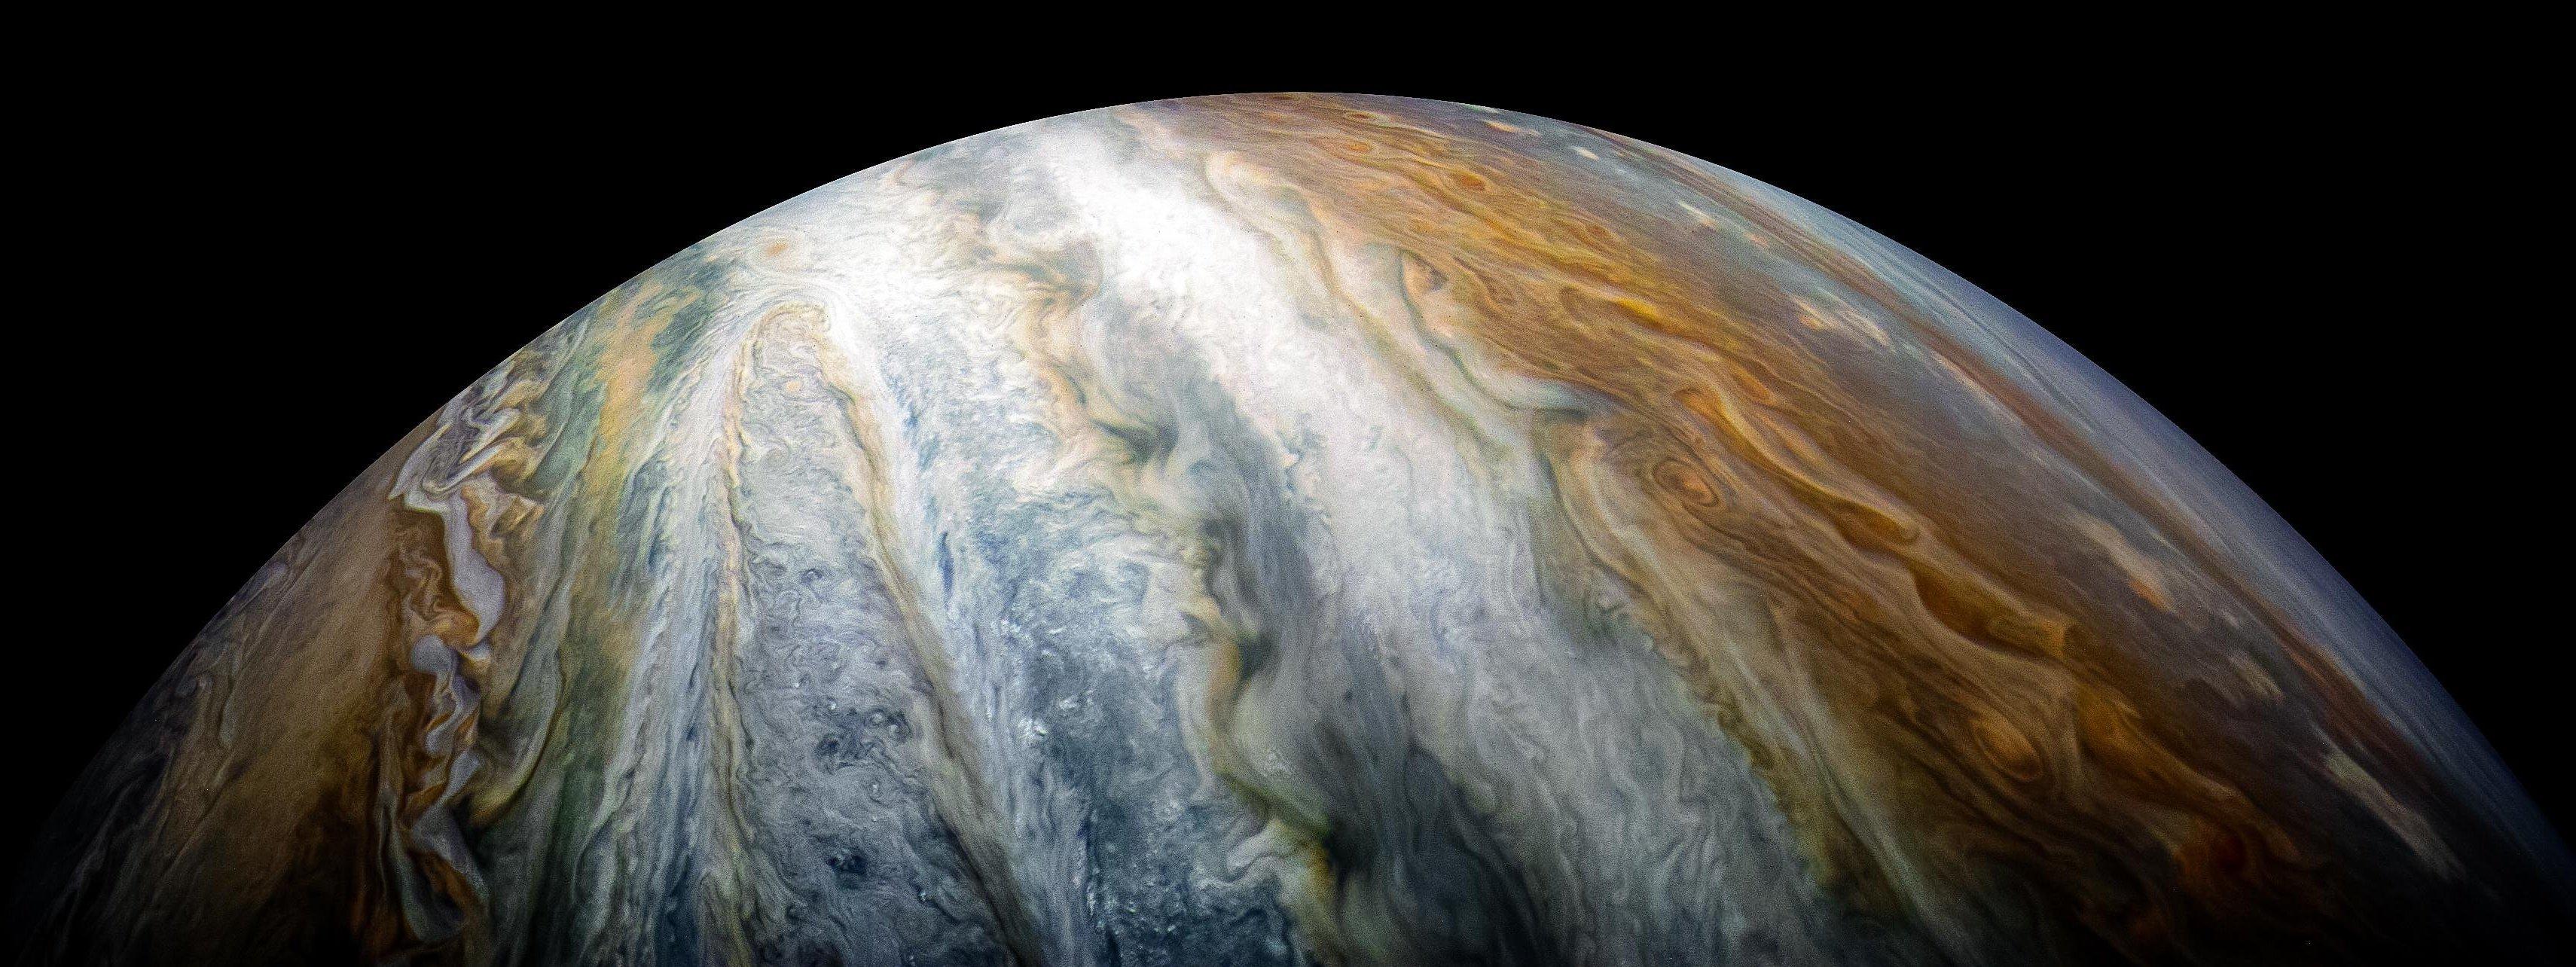 Planeta Júpiter captado por la sonda Juno